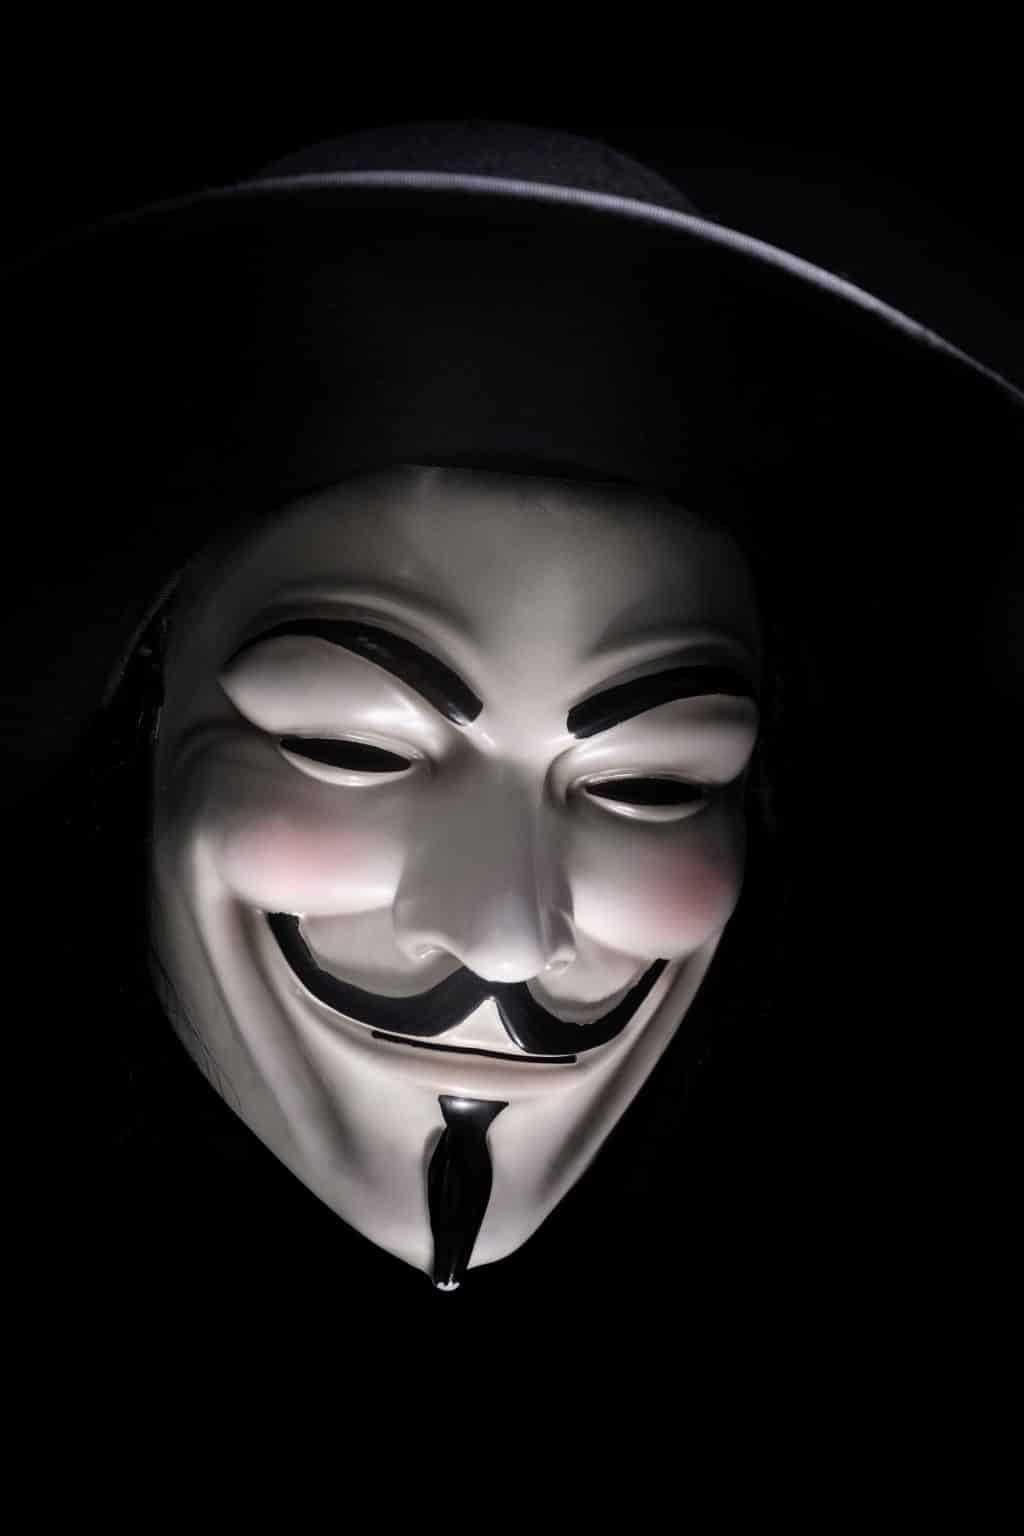 Ein Hacker mit Maske